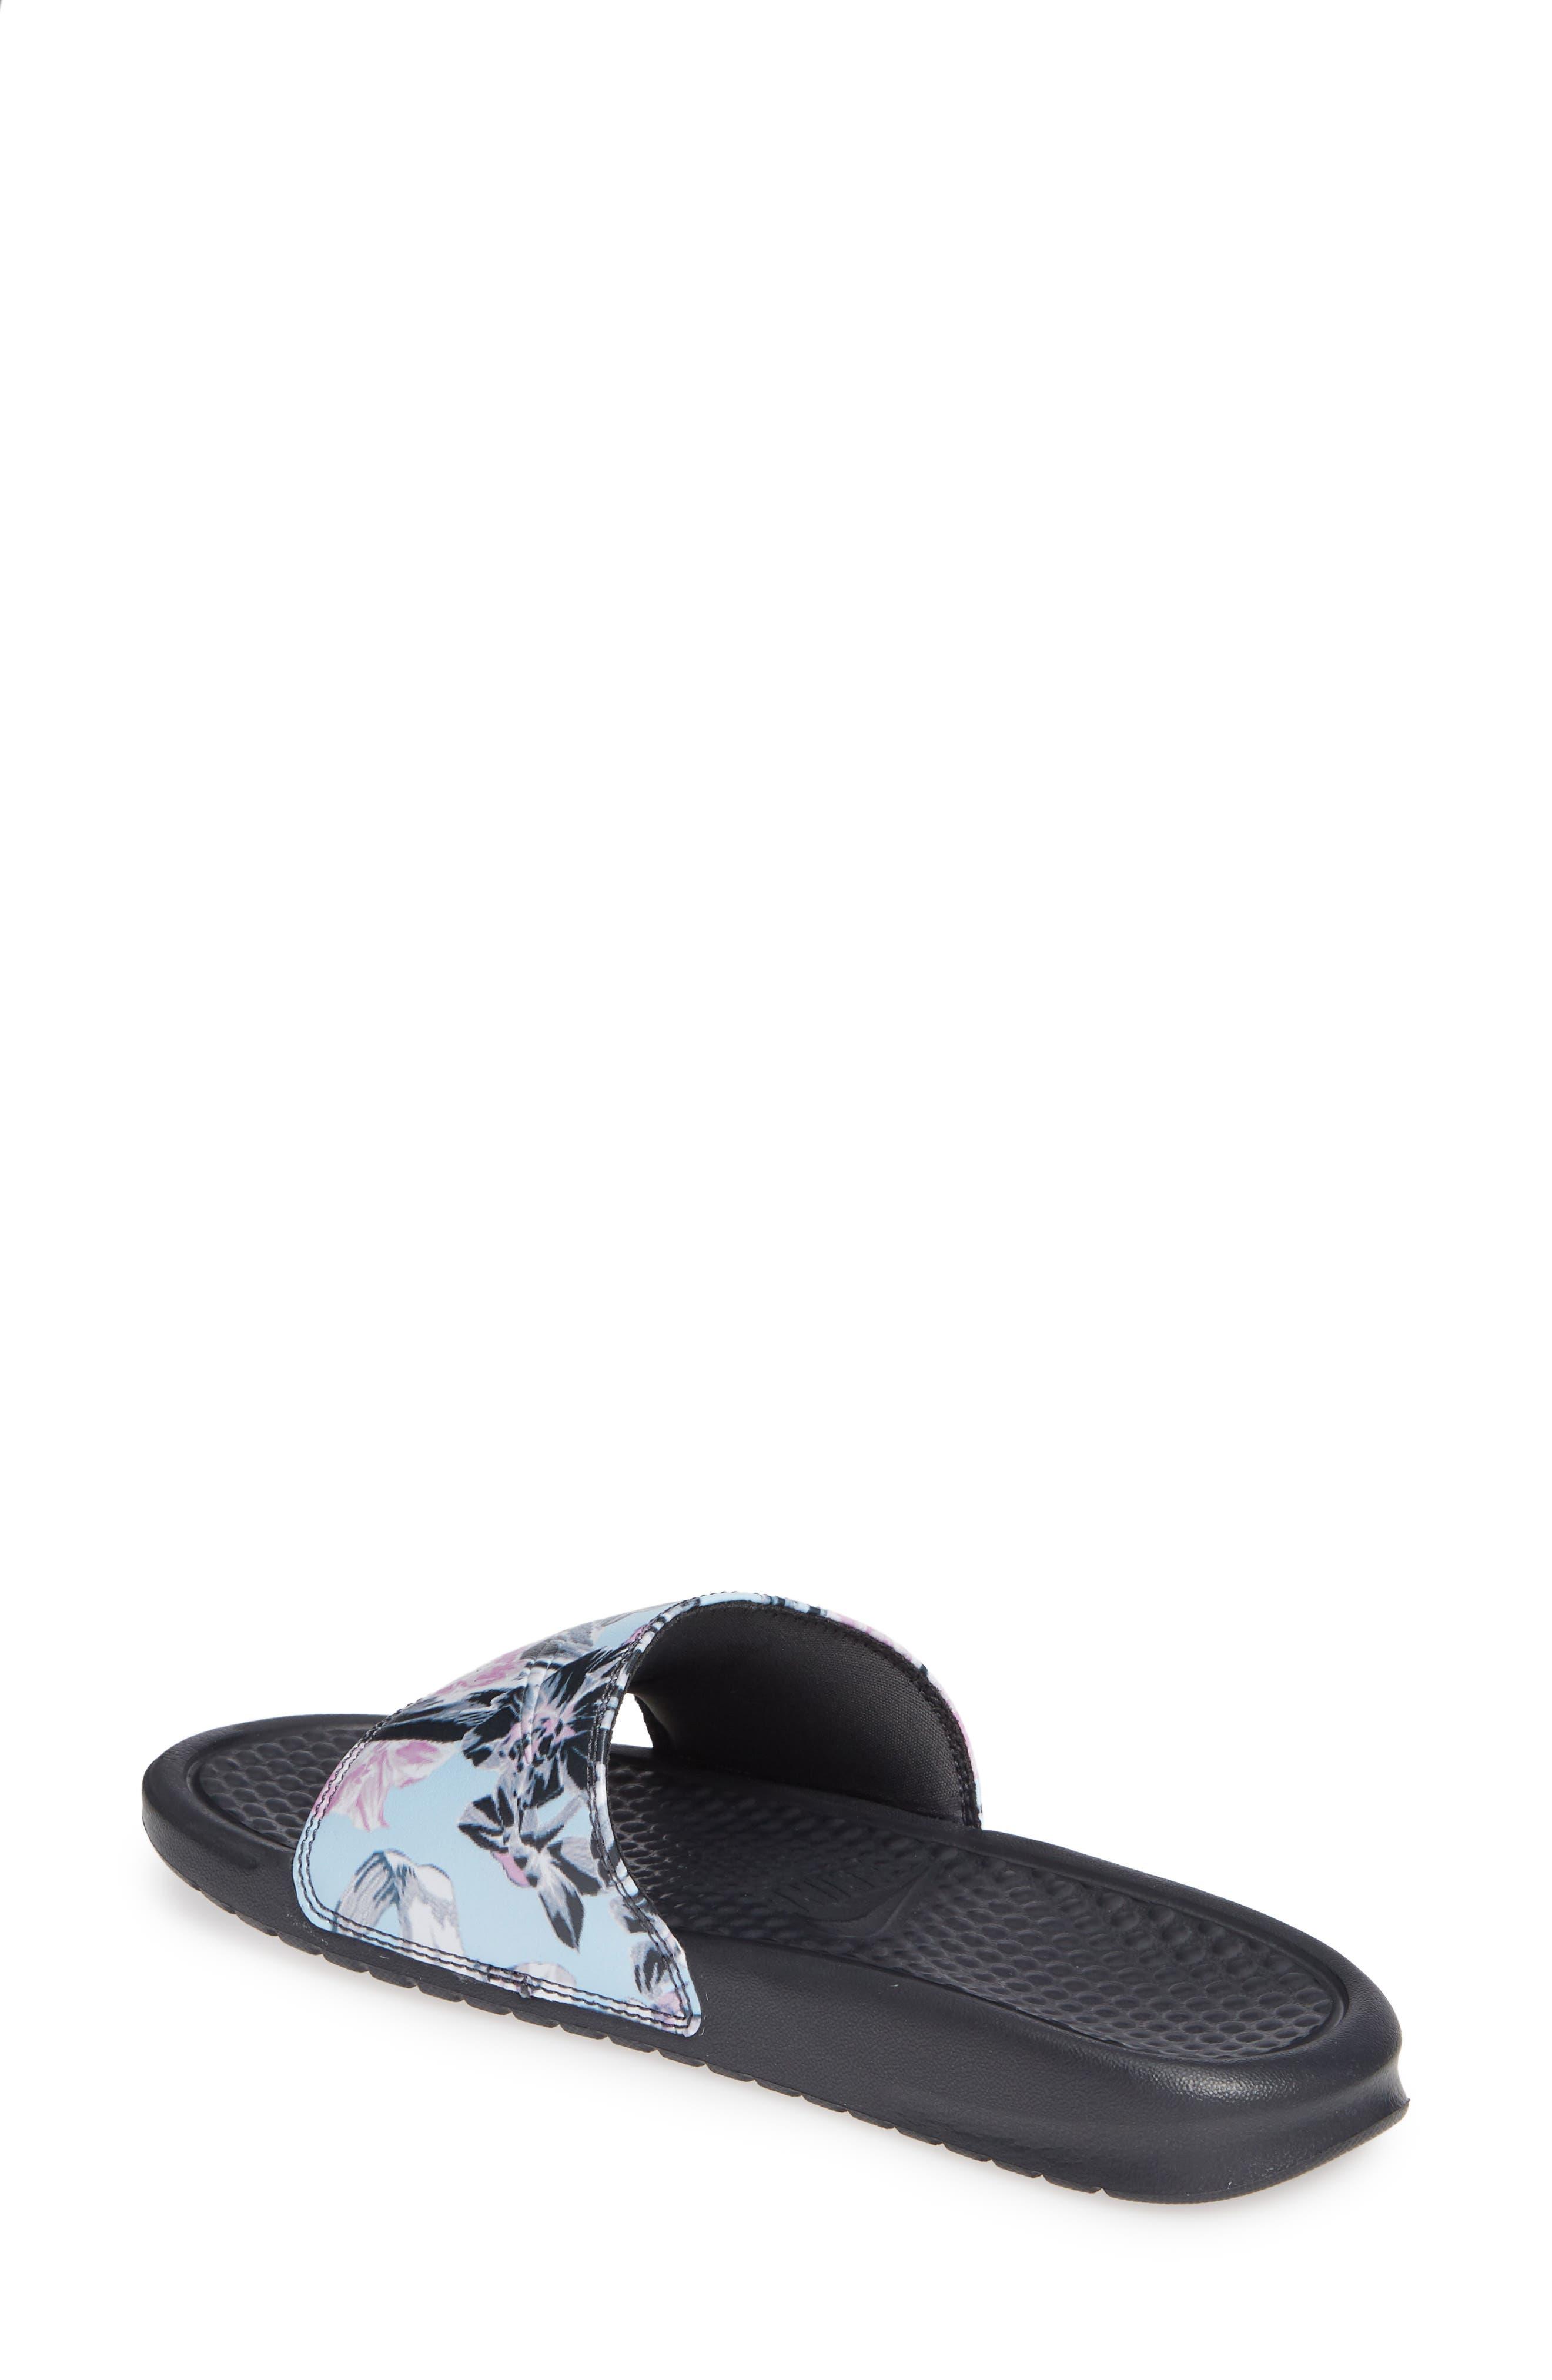 53fc47a7cd08 Women s Pool Slide Sandals